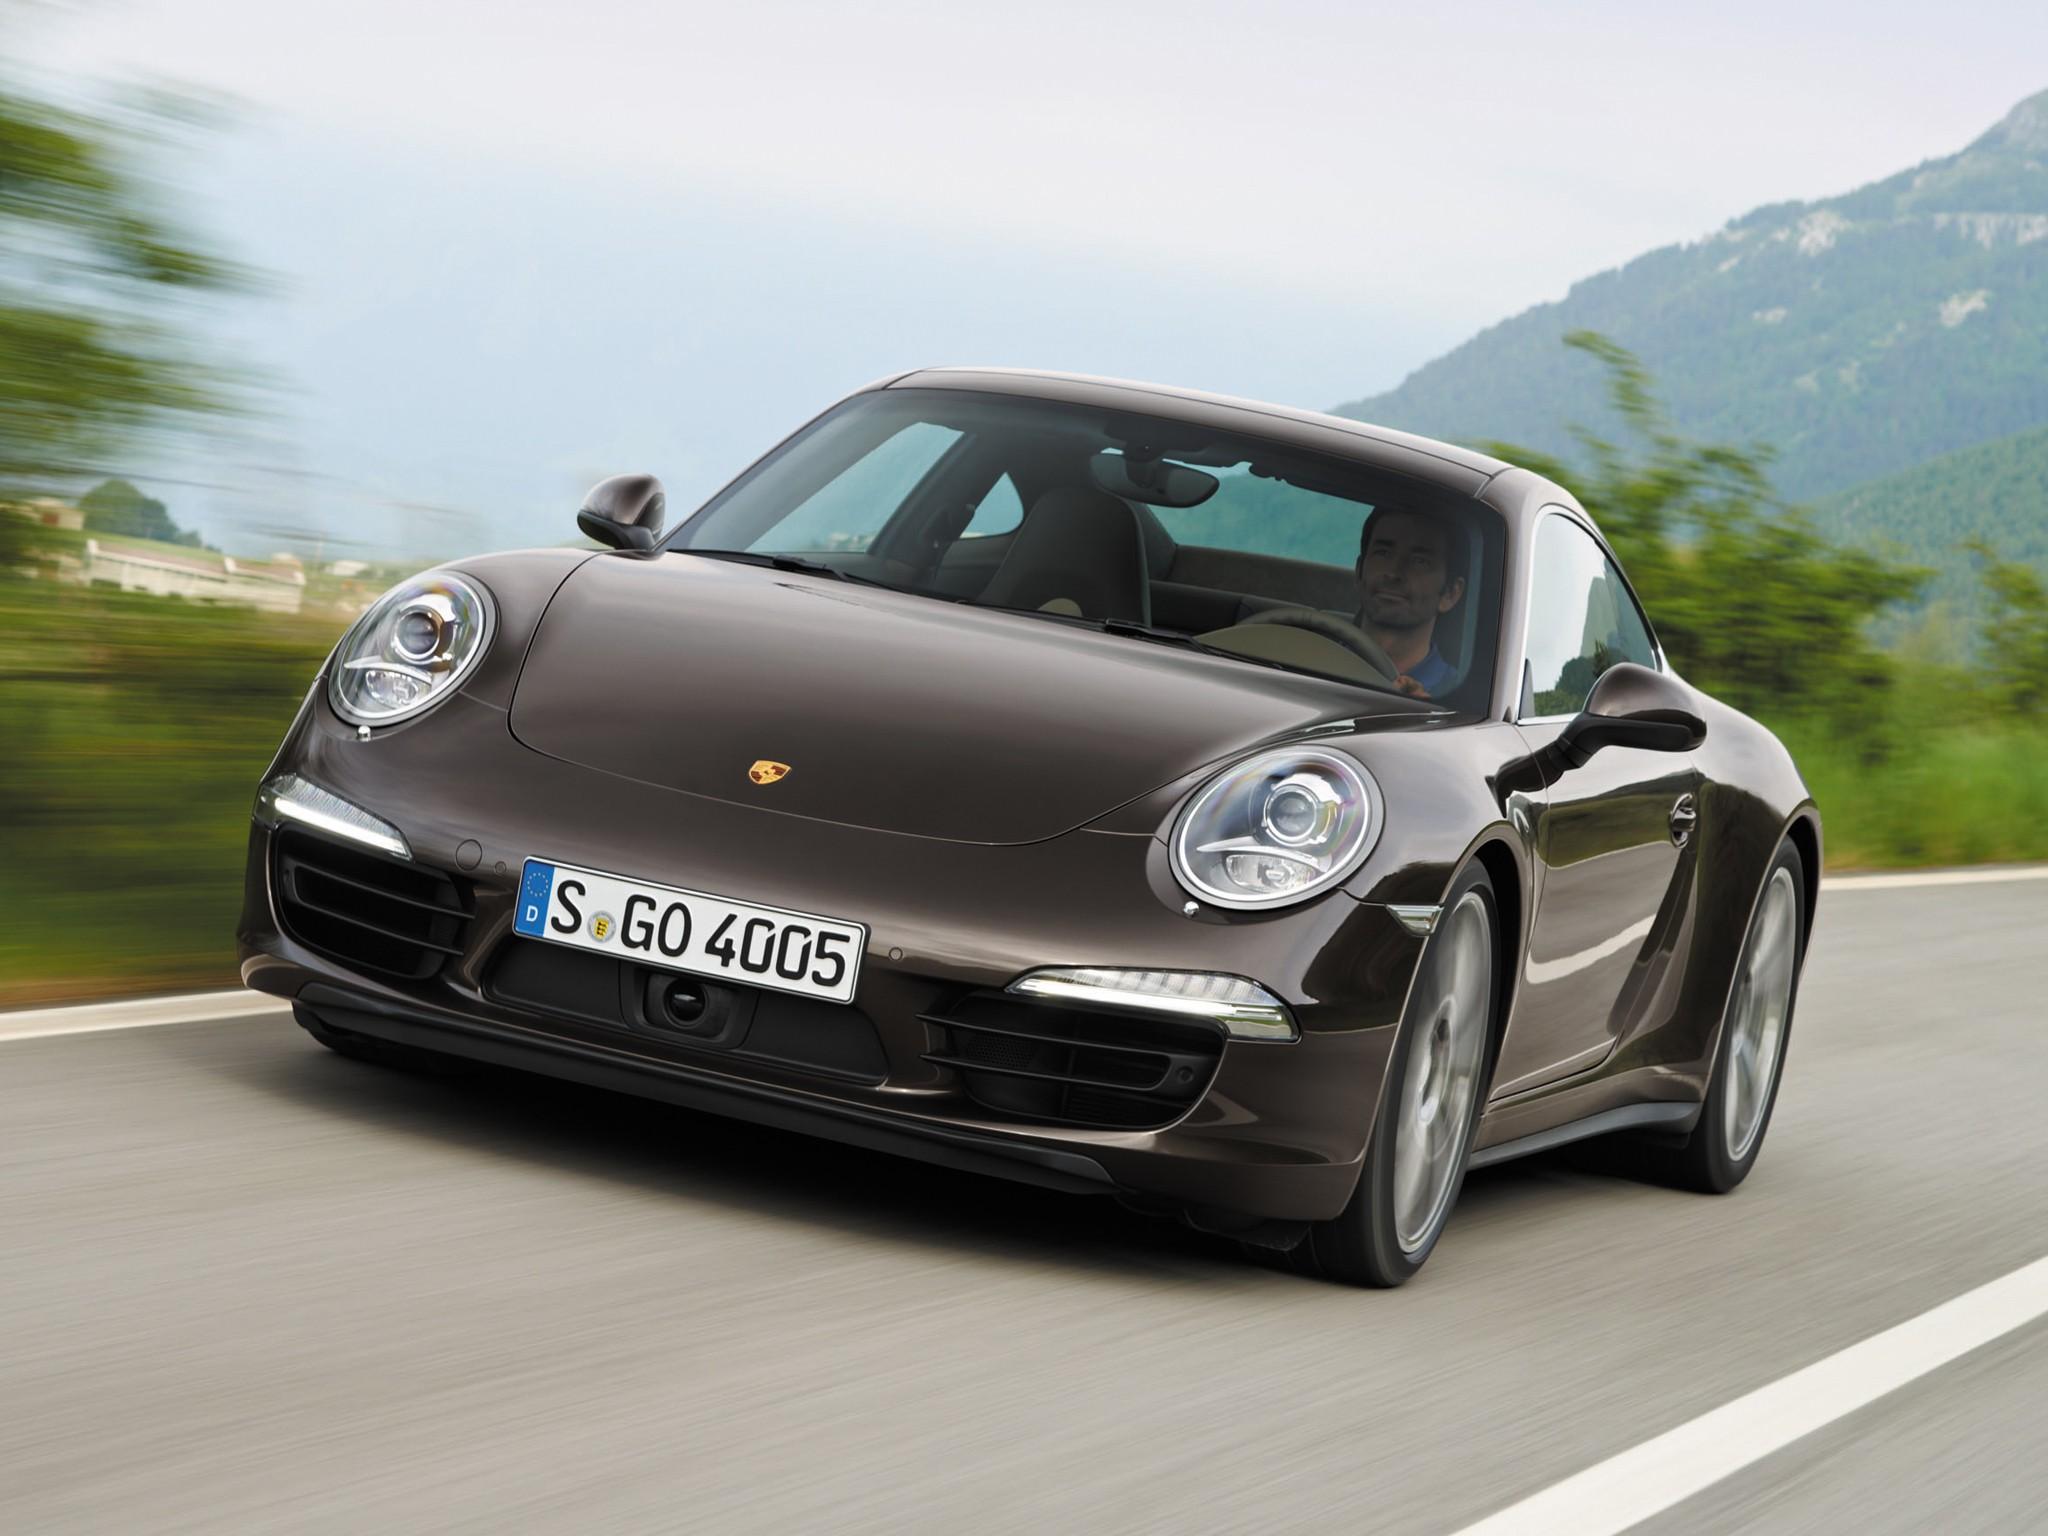 Porsche 911 Carrera 4s 991 Specs Amp Photos 2012 2013 2014 2015 2016 2017 2018